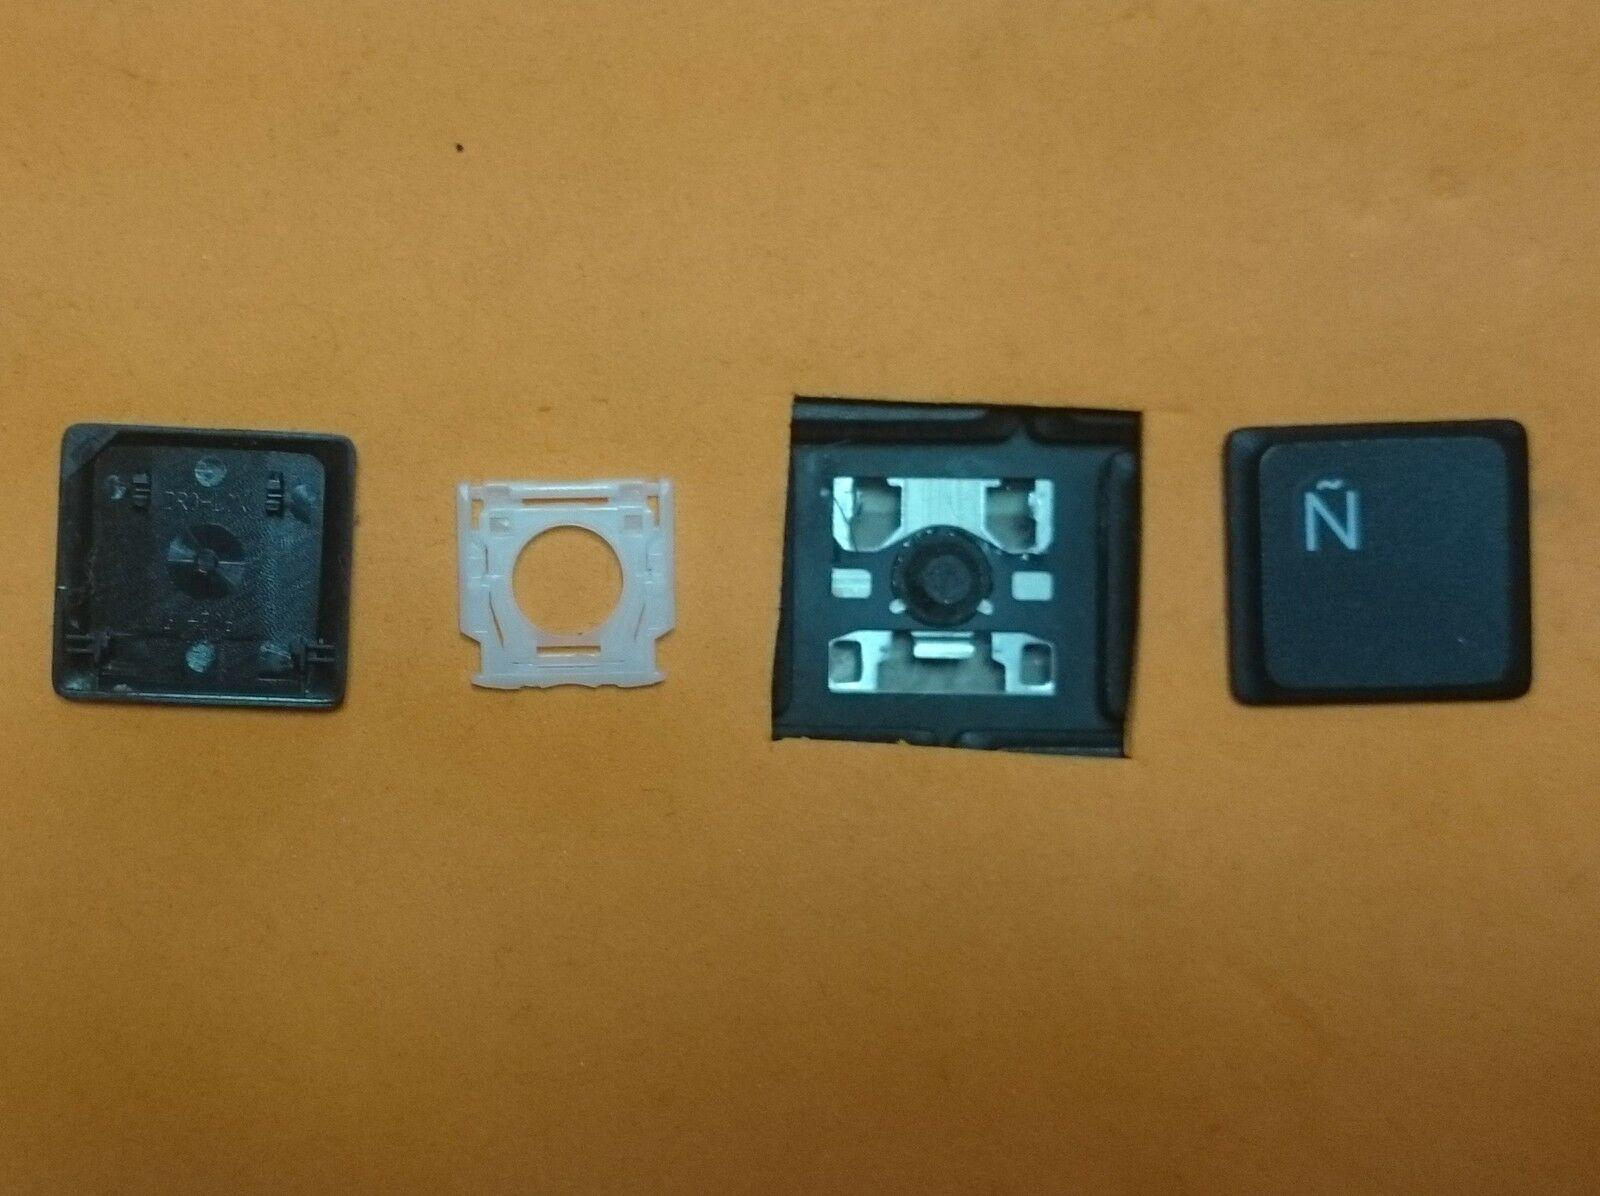 TECLA TECLADO TECLAS KEYS DELL INSPIRON 14V 14R M4010 M4020 M4030 M5030 M3010